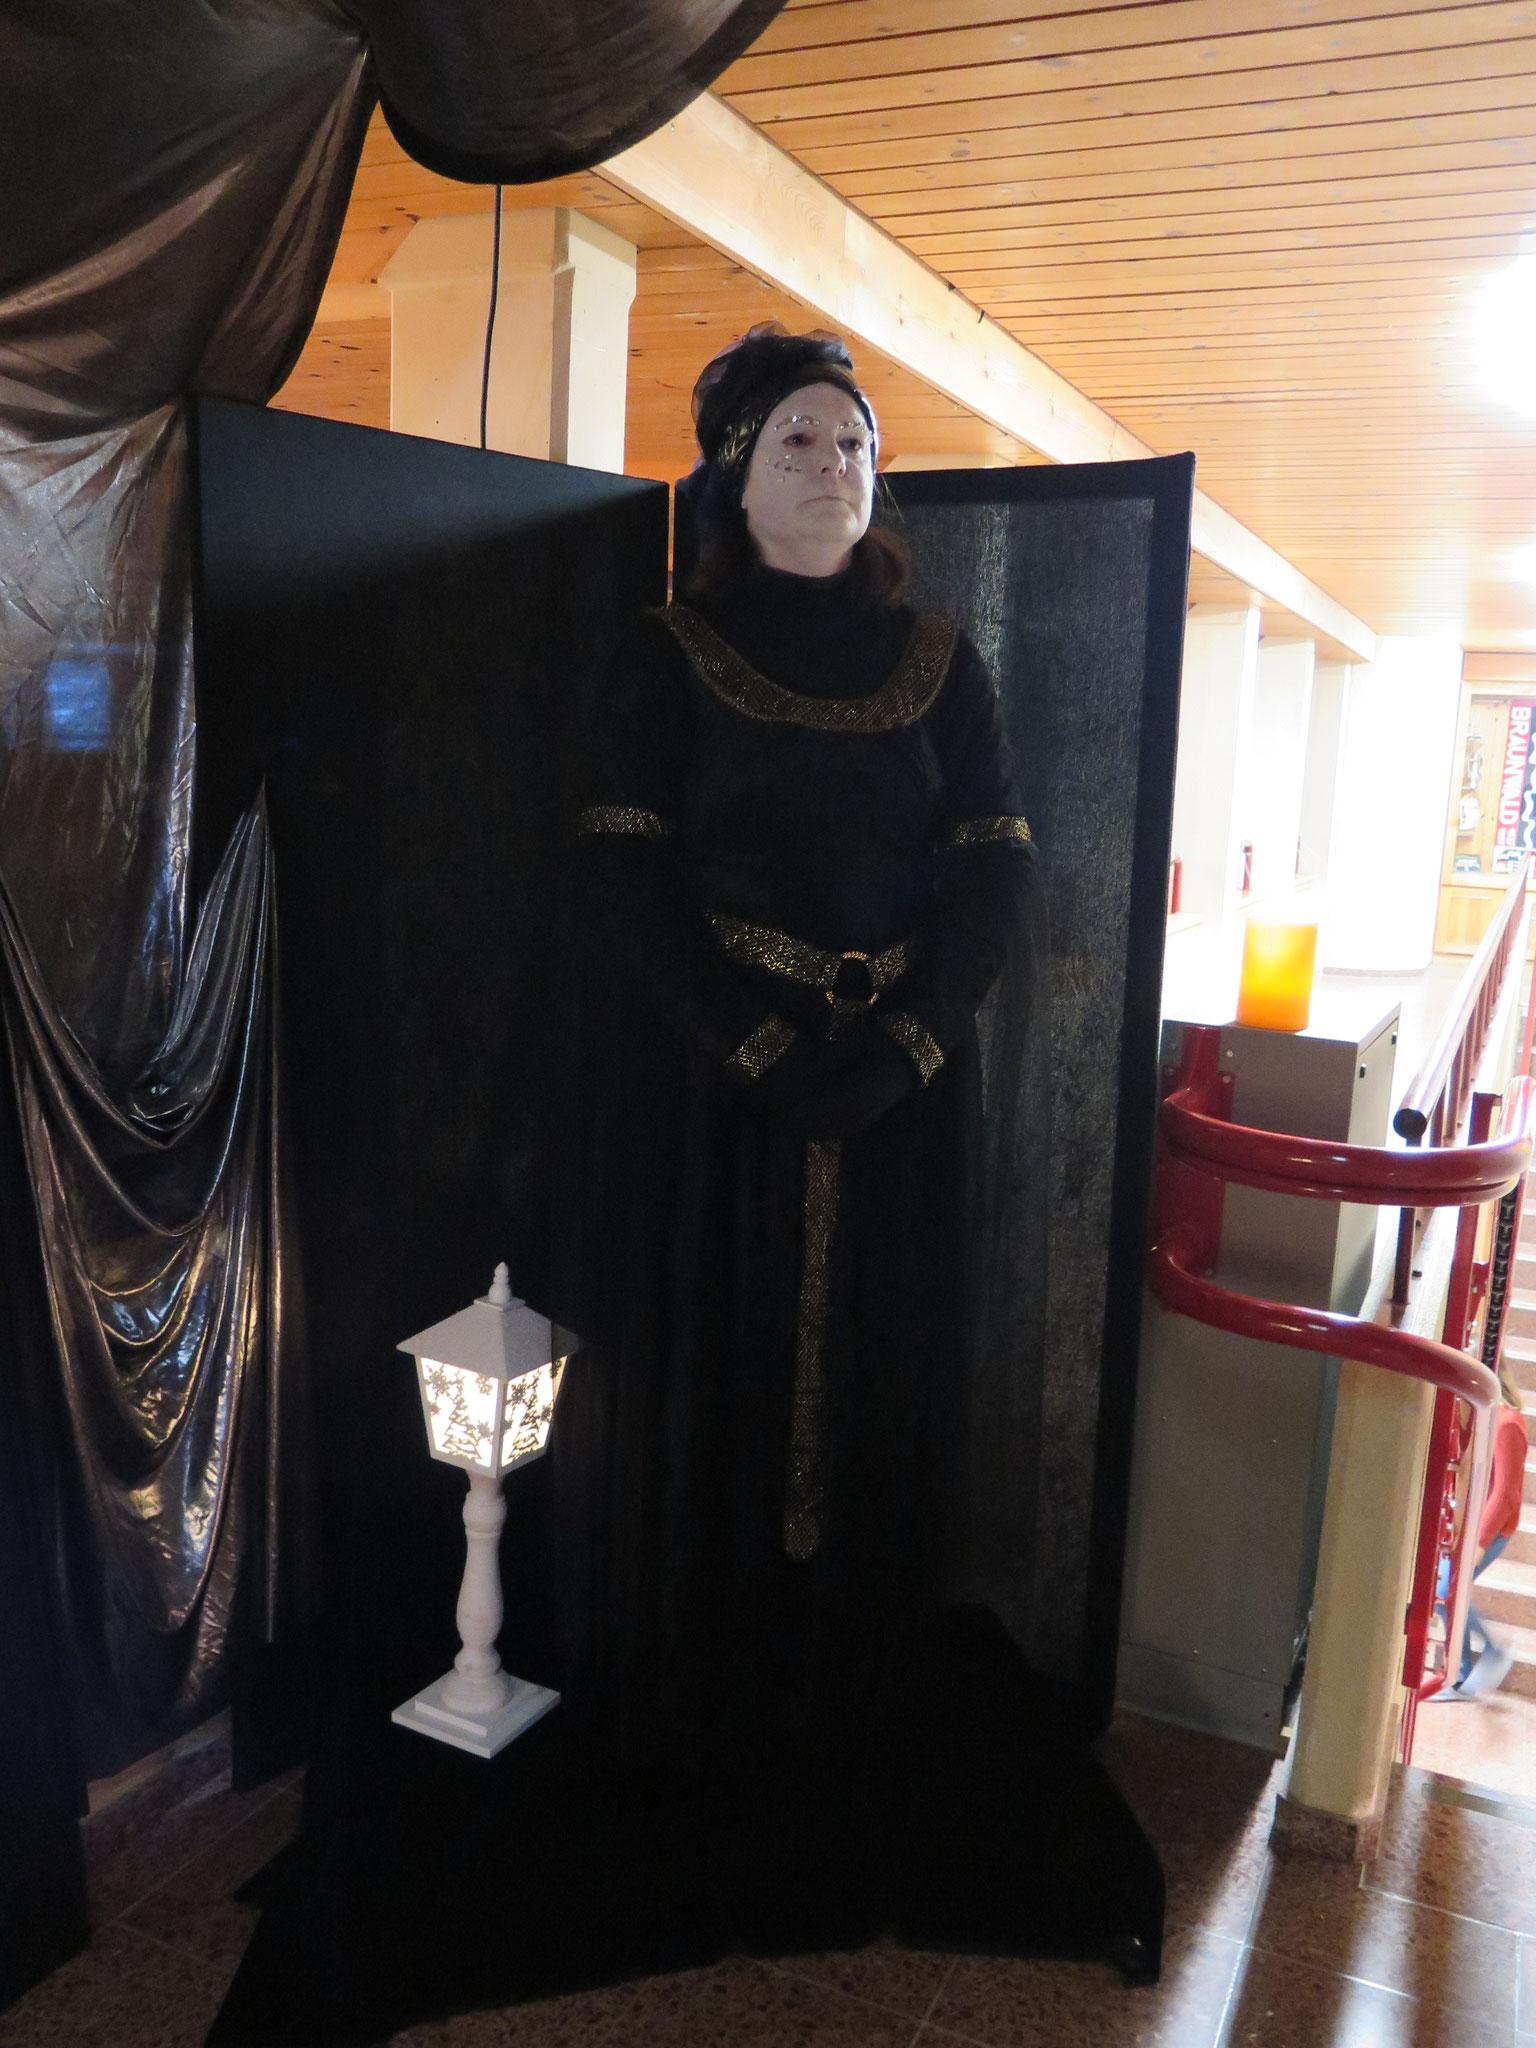 Als begrüssung eine Statue